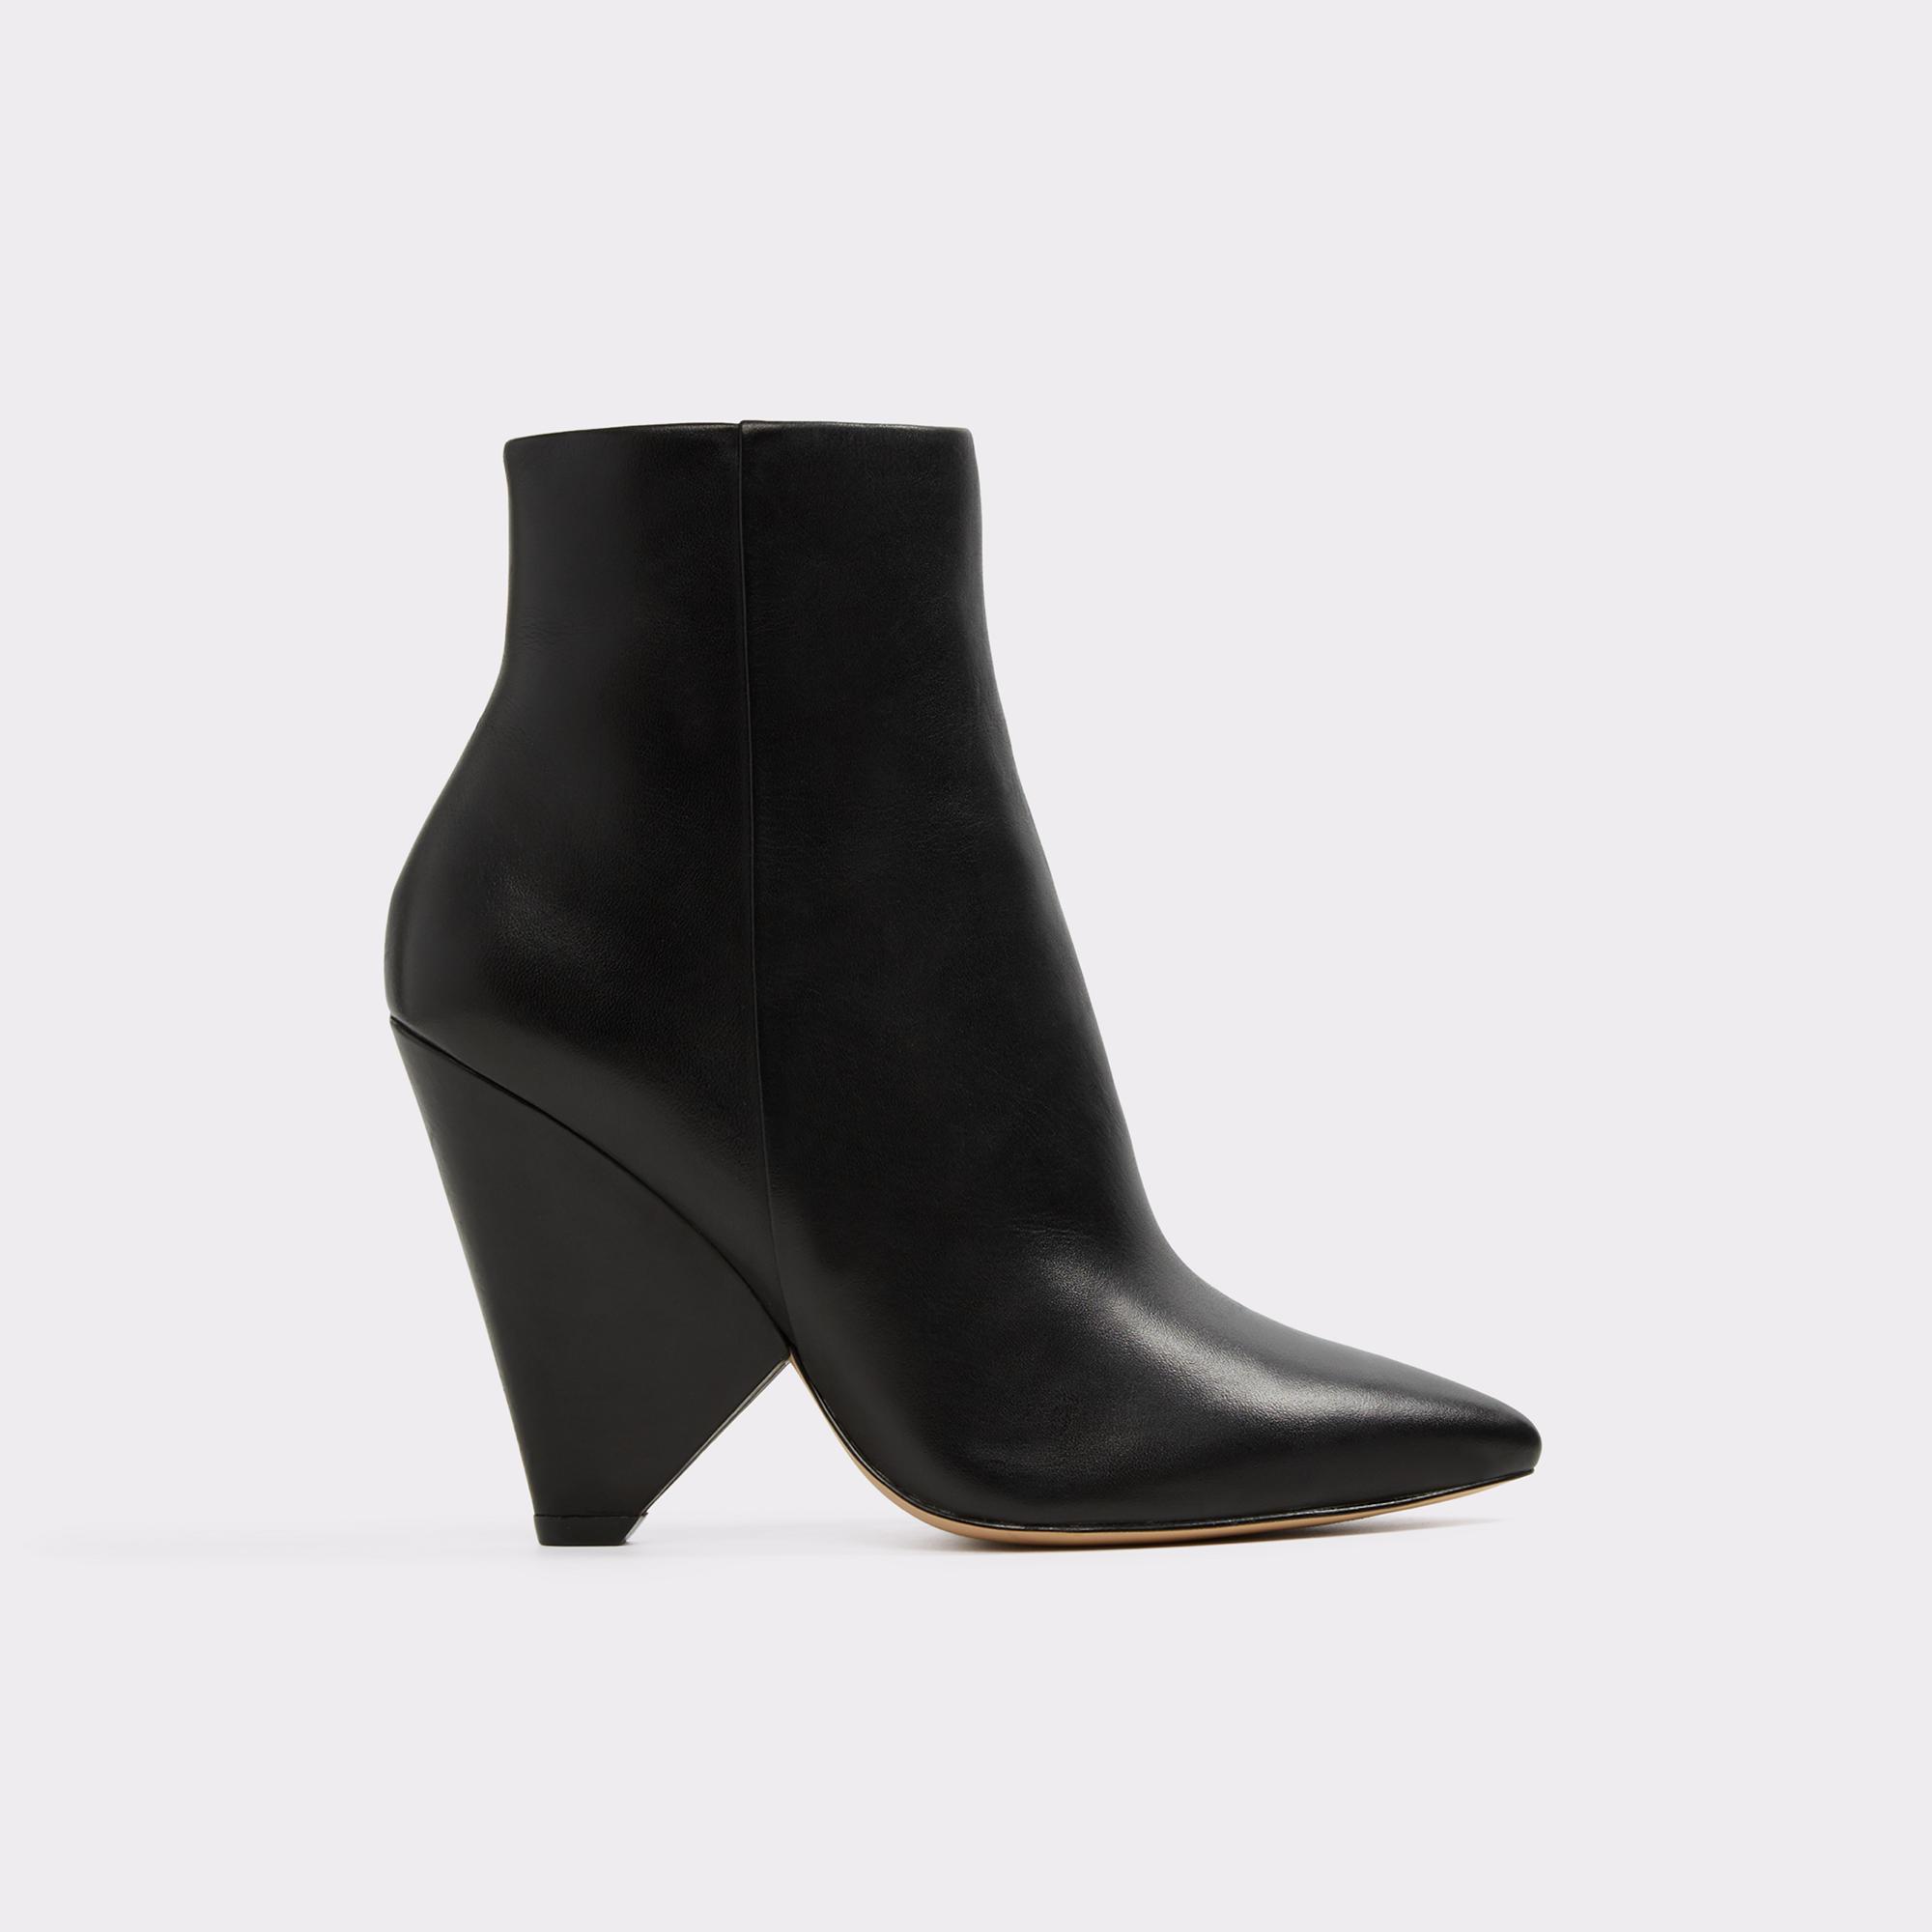 Aldo: Frerilla Boot - $140